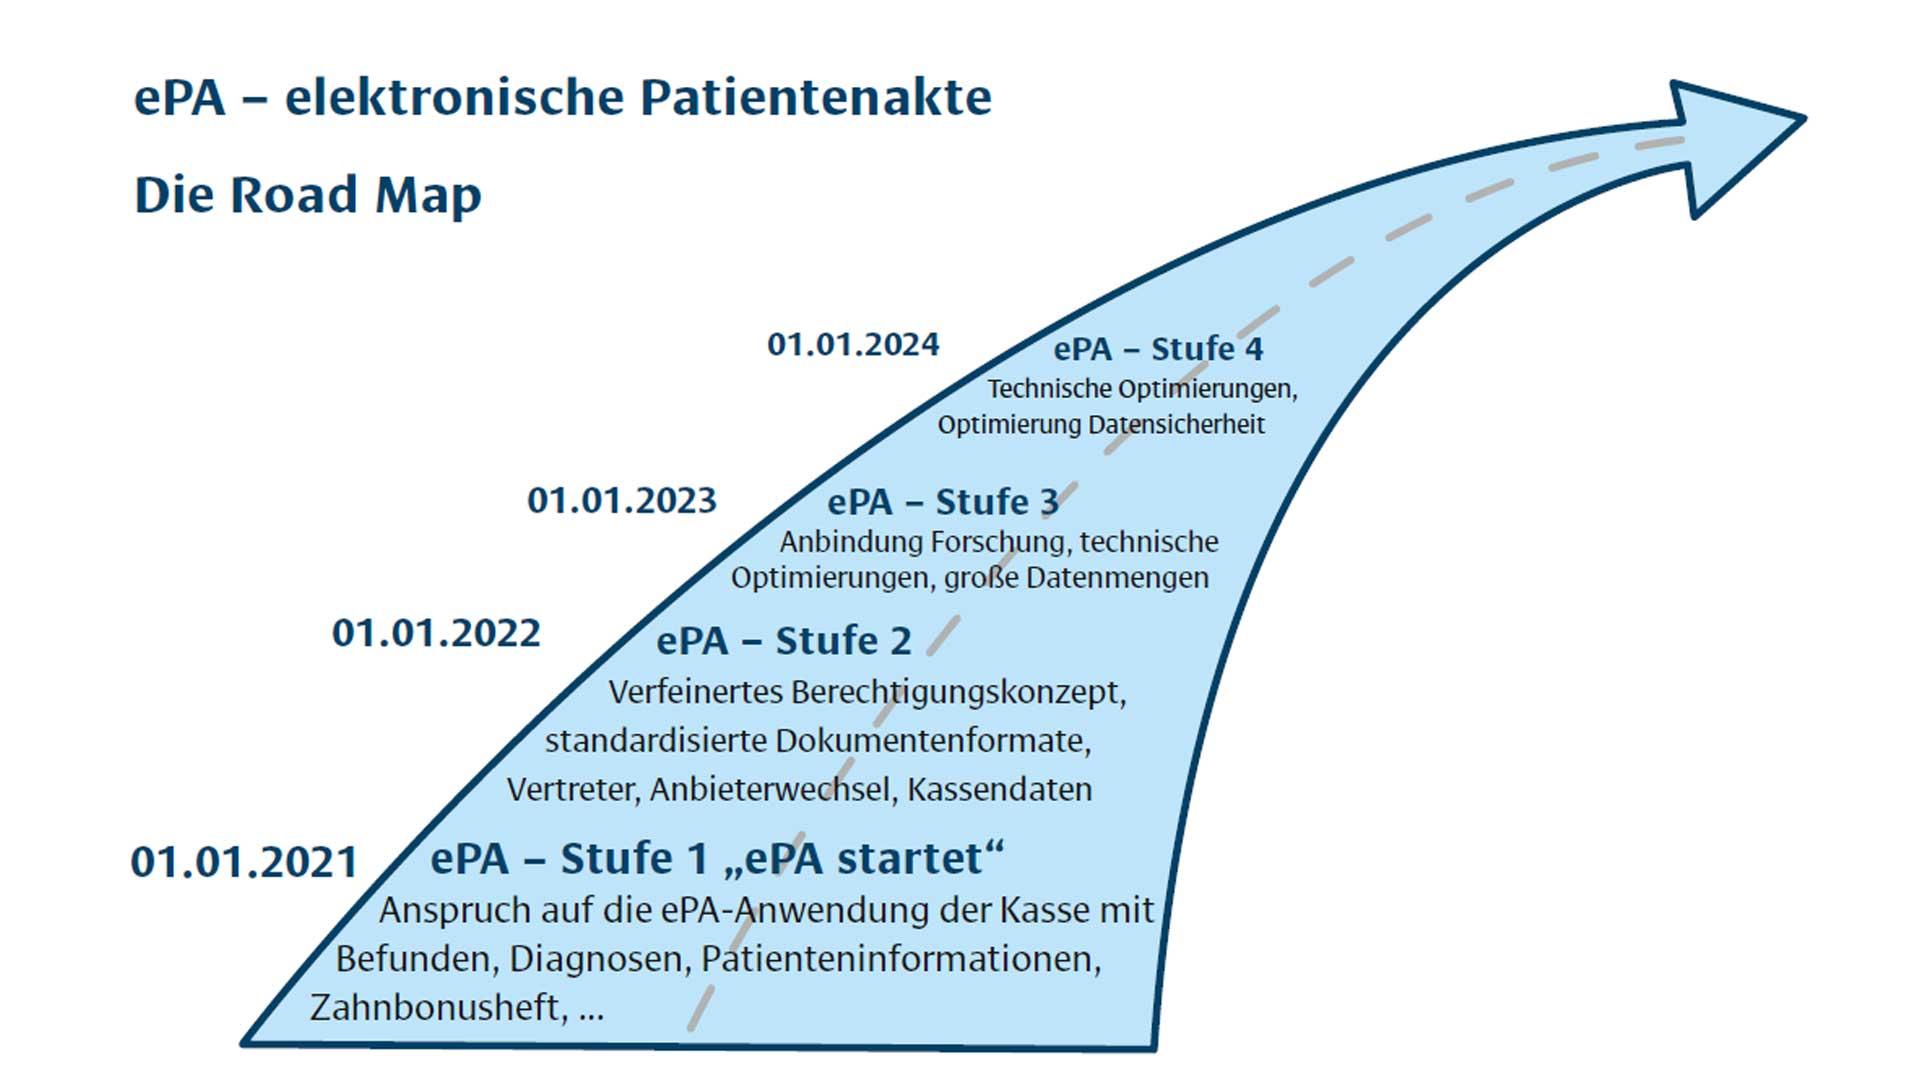 Roadmap elektronsiche Patientenakte ePA